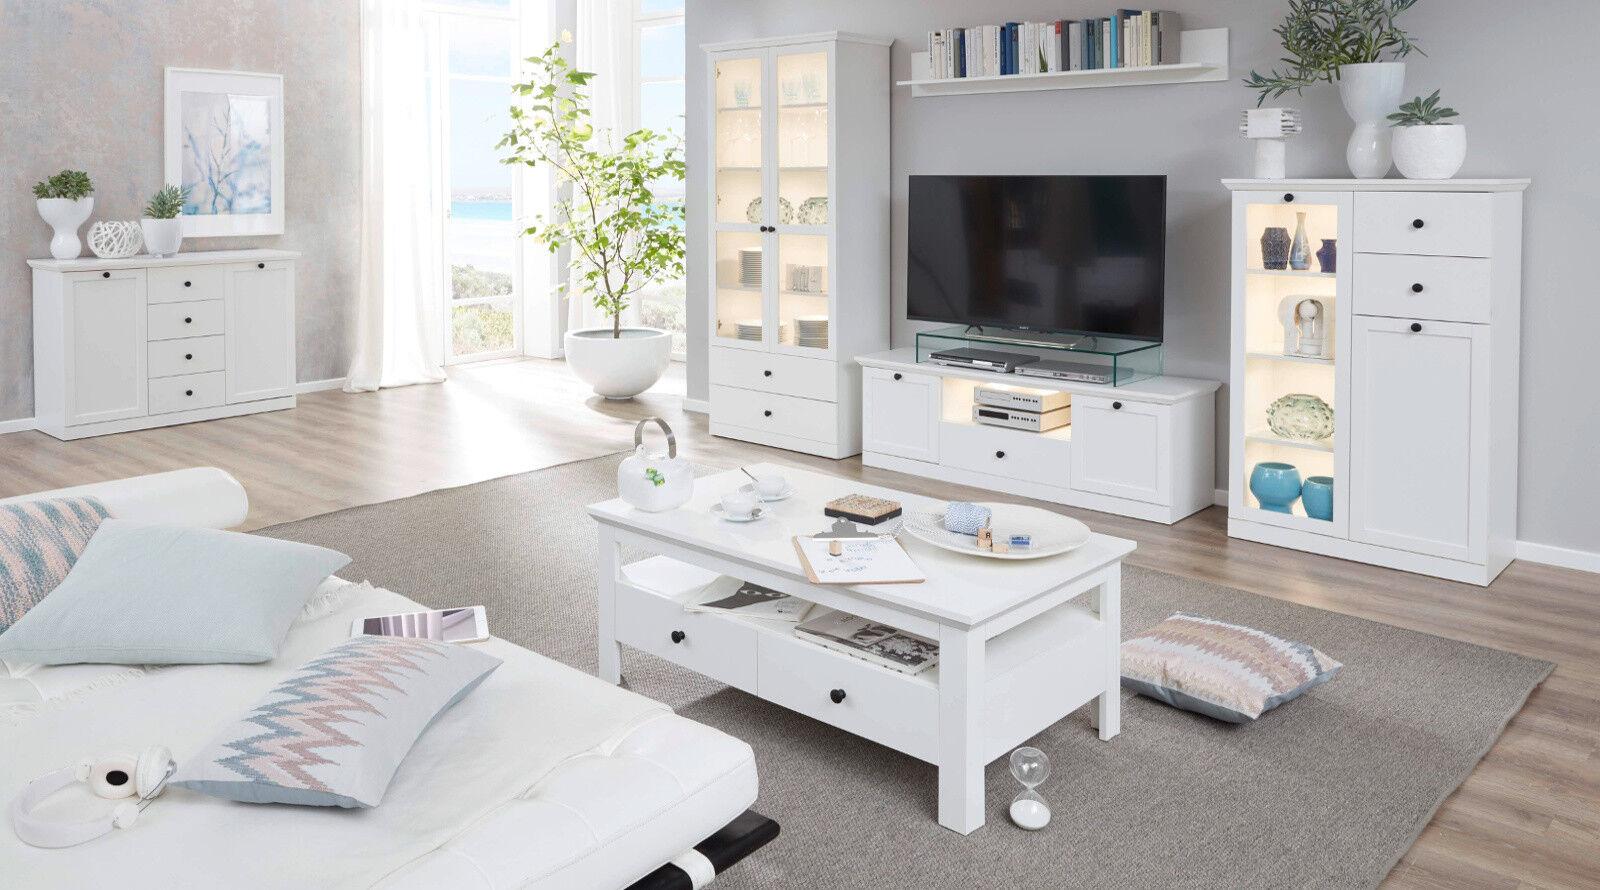 Wohnzimmer Landhausstil Weiß